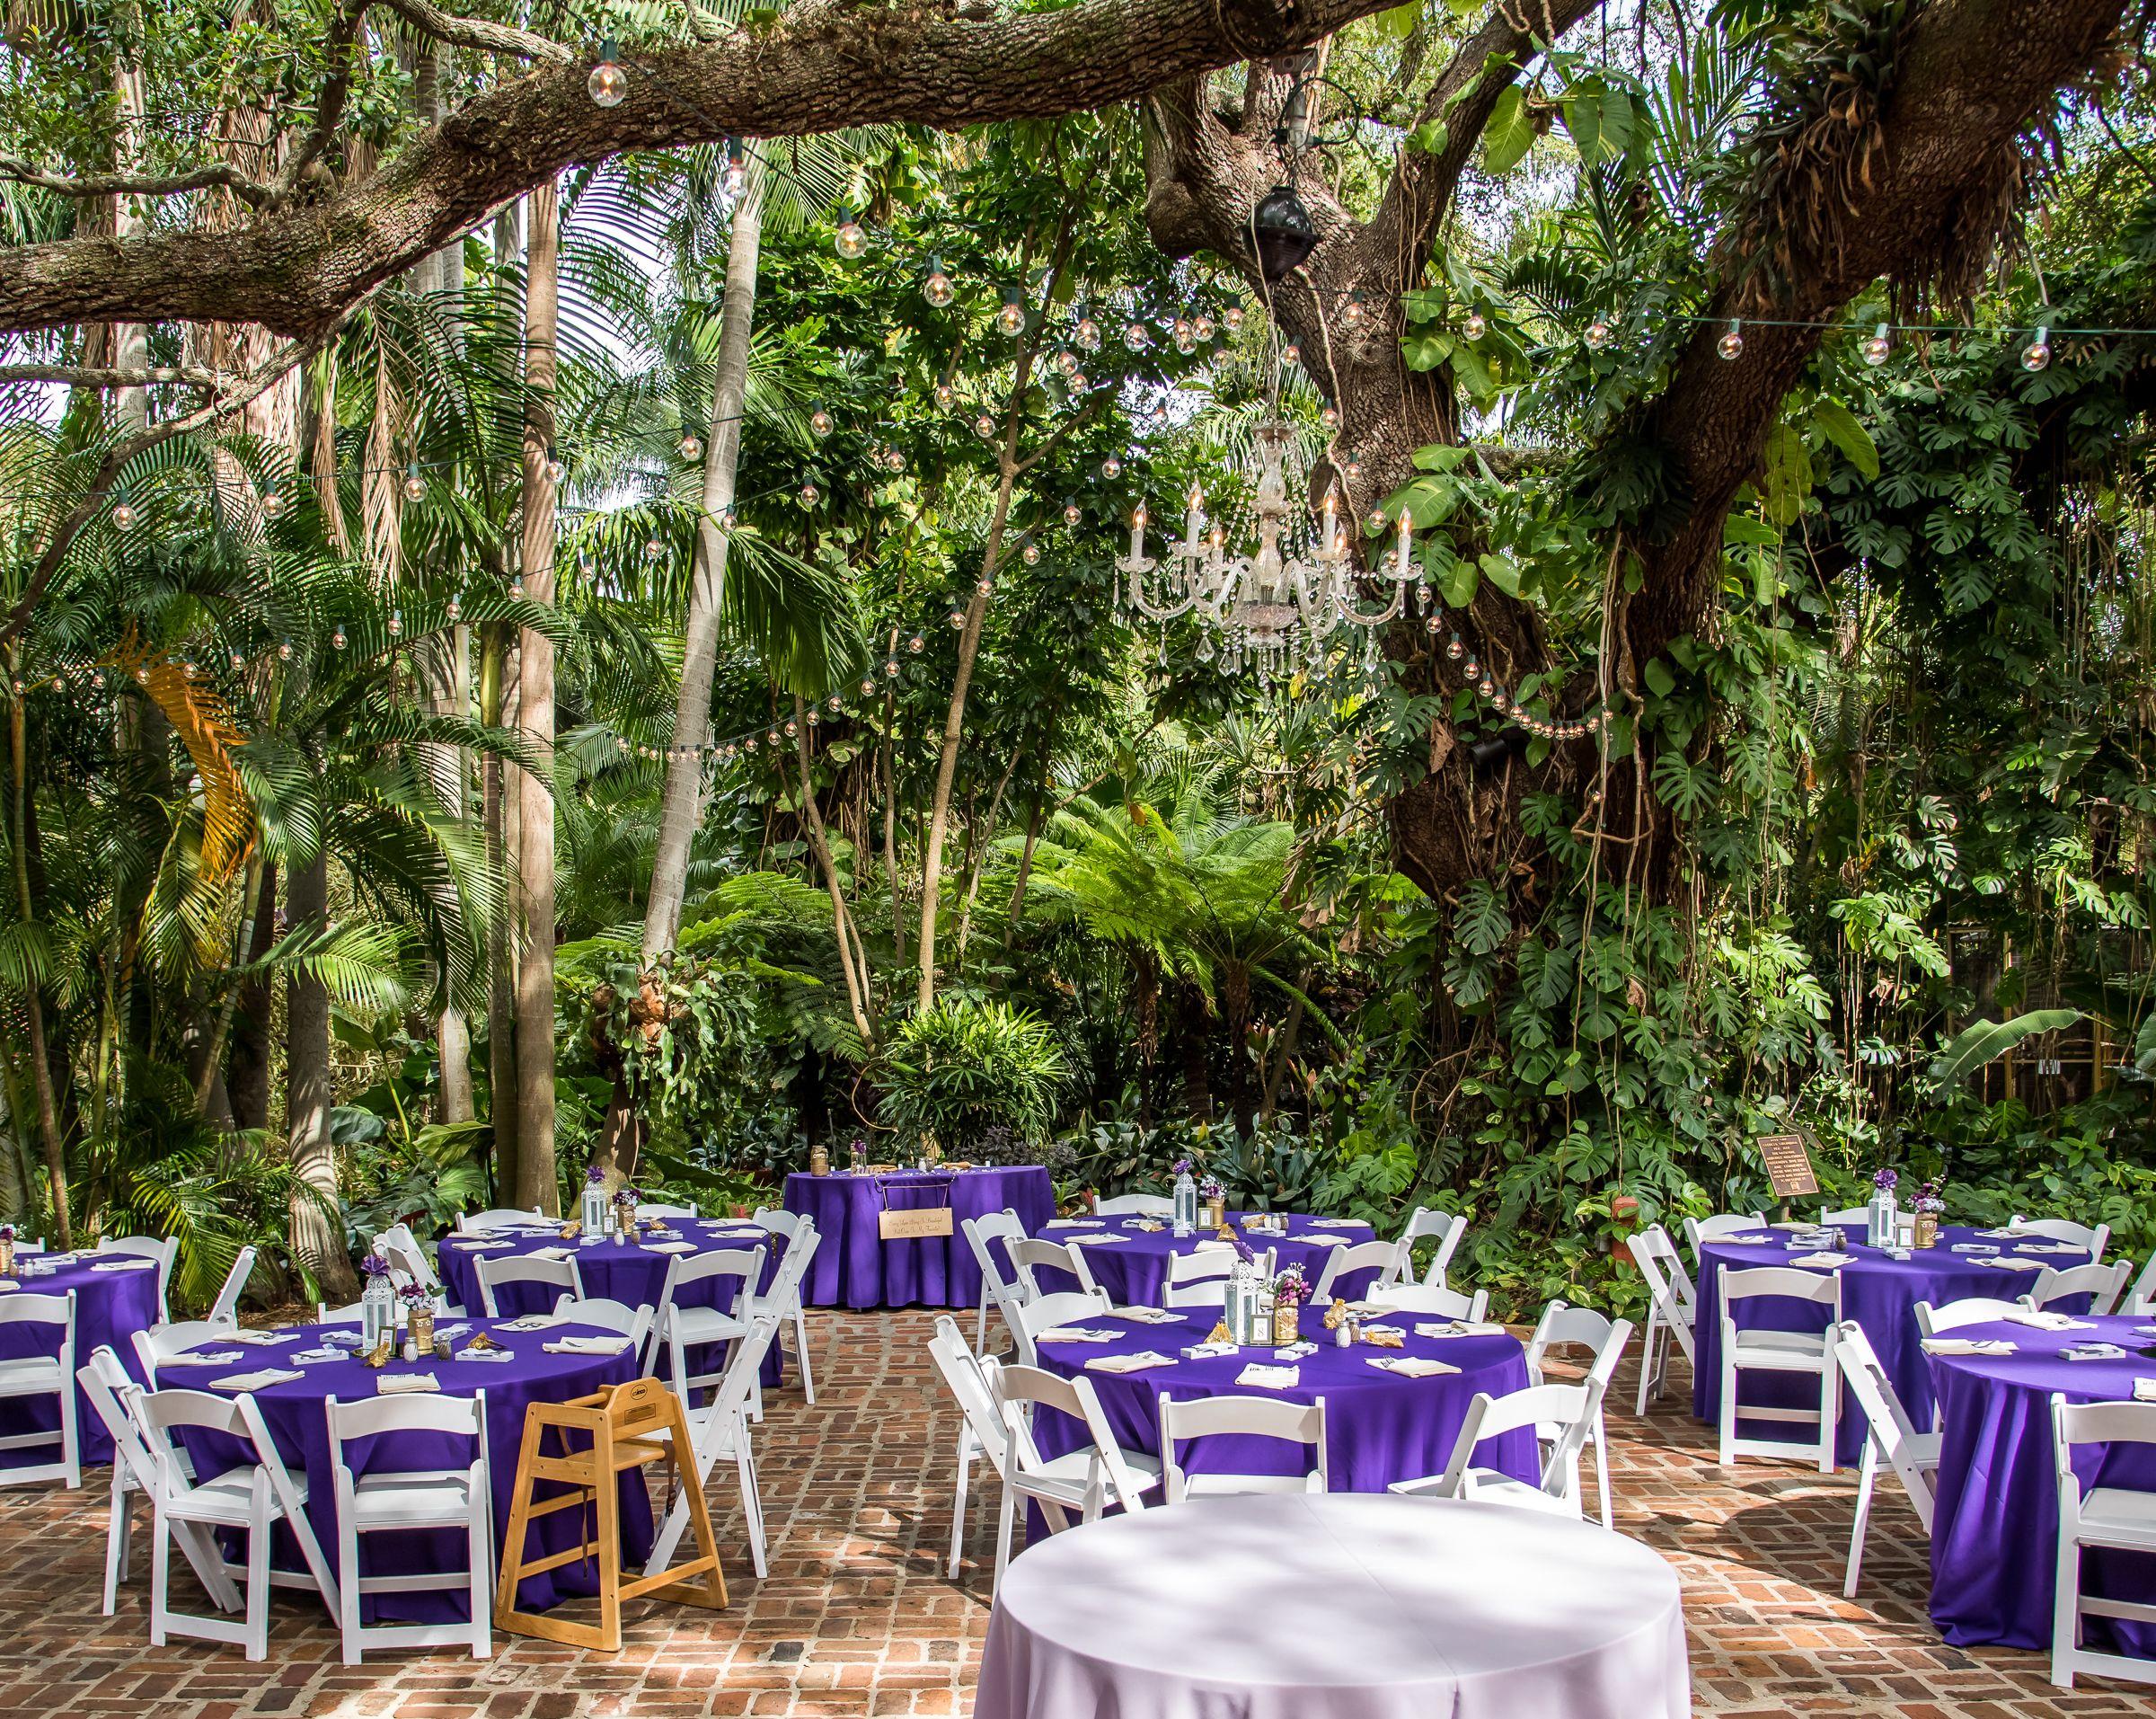 Wedding Reception in Sunken Gardens, St. Petersburg, FL